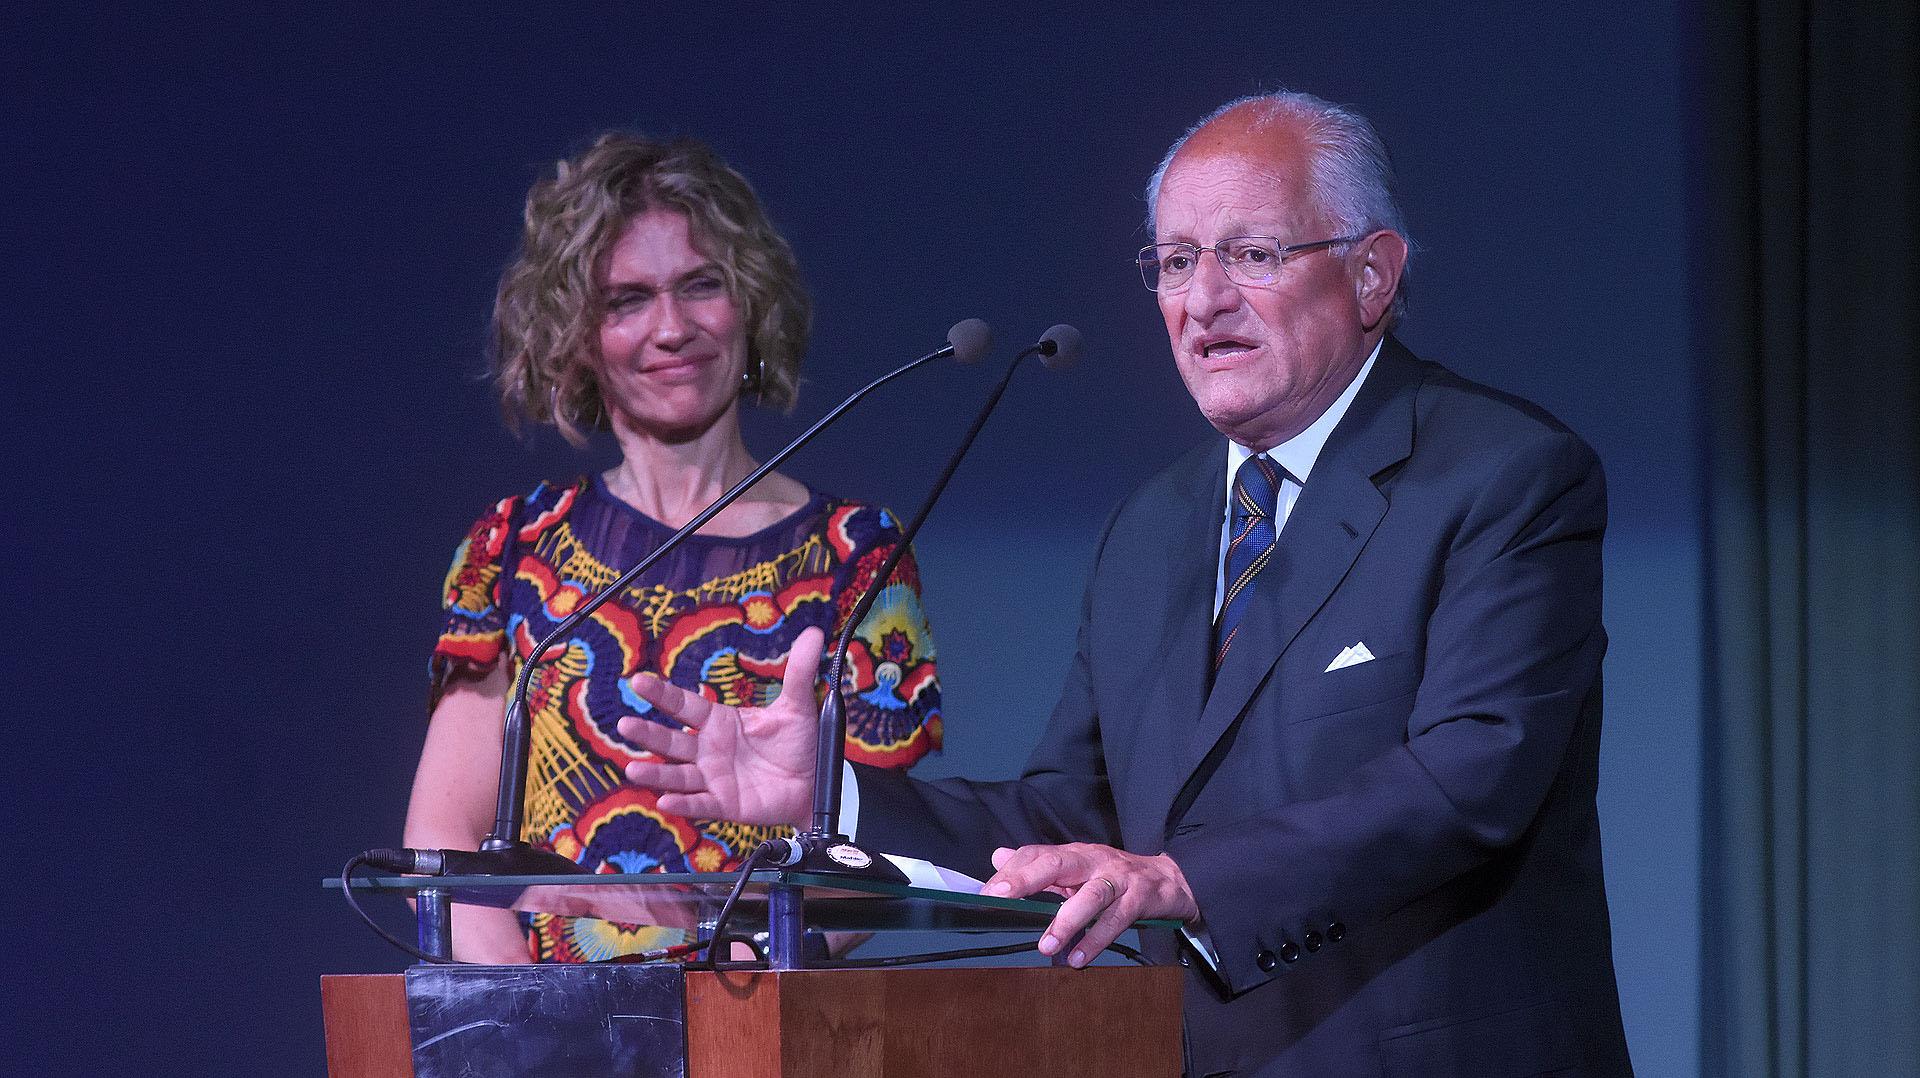 El modelo chileno (Centros de Tratamiento) fue complementado en la Argentina con los Centros de Prevención de Desnutrición Infantil y Promoción Humana